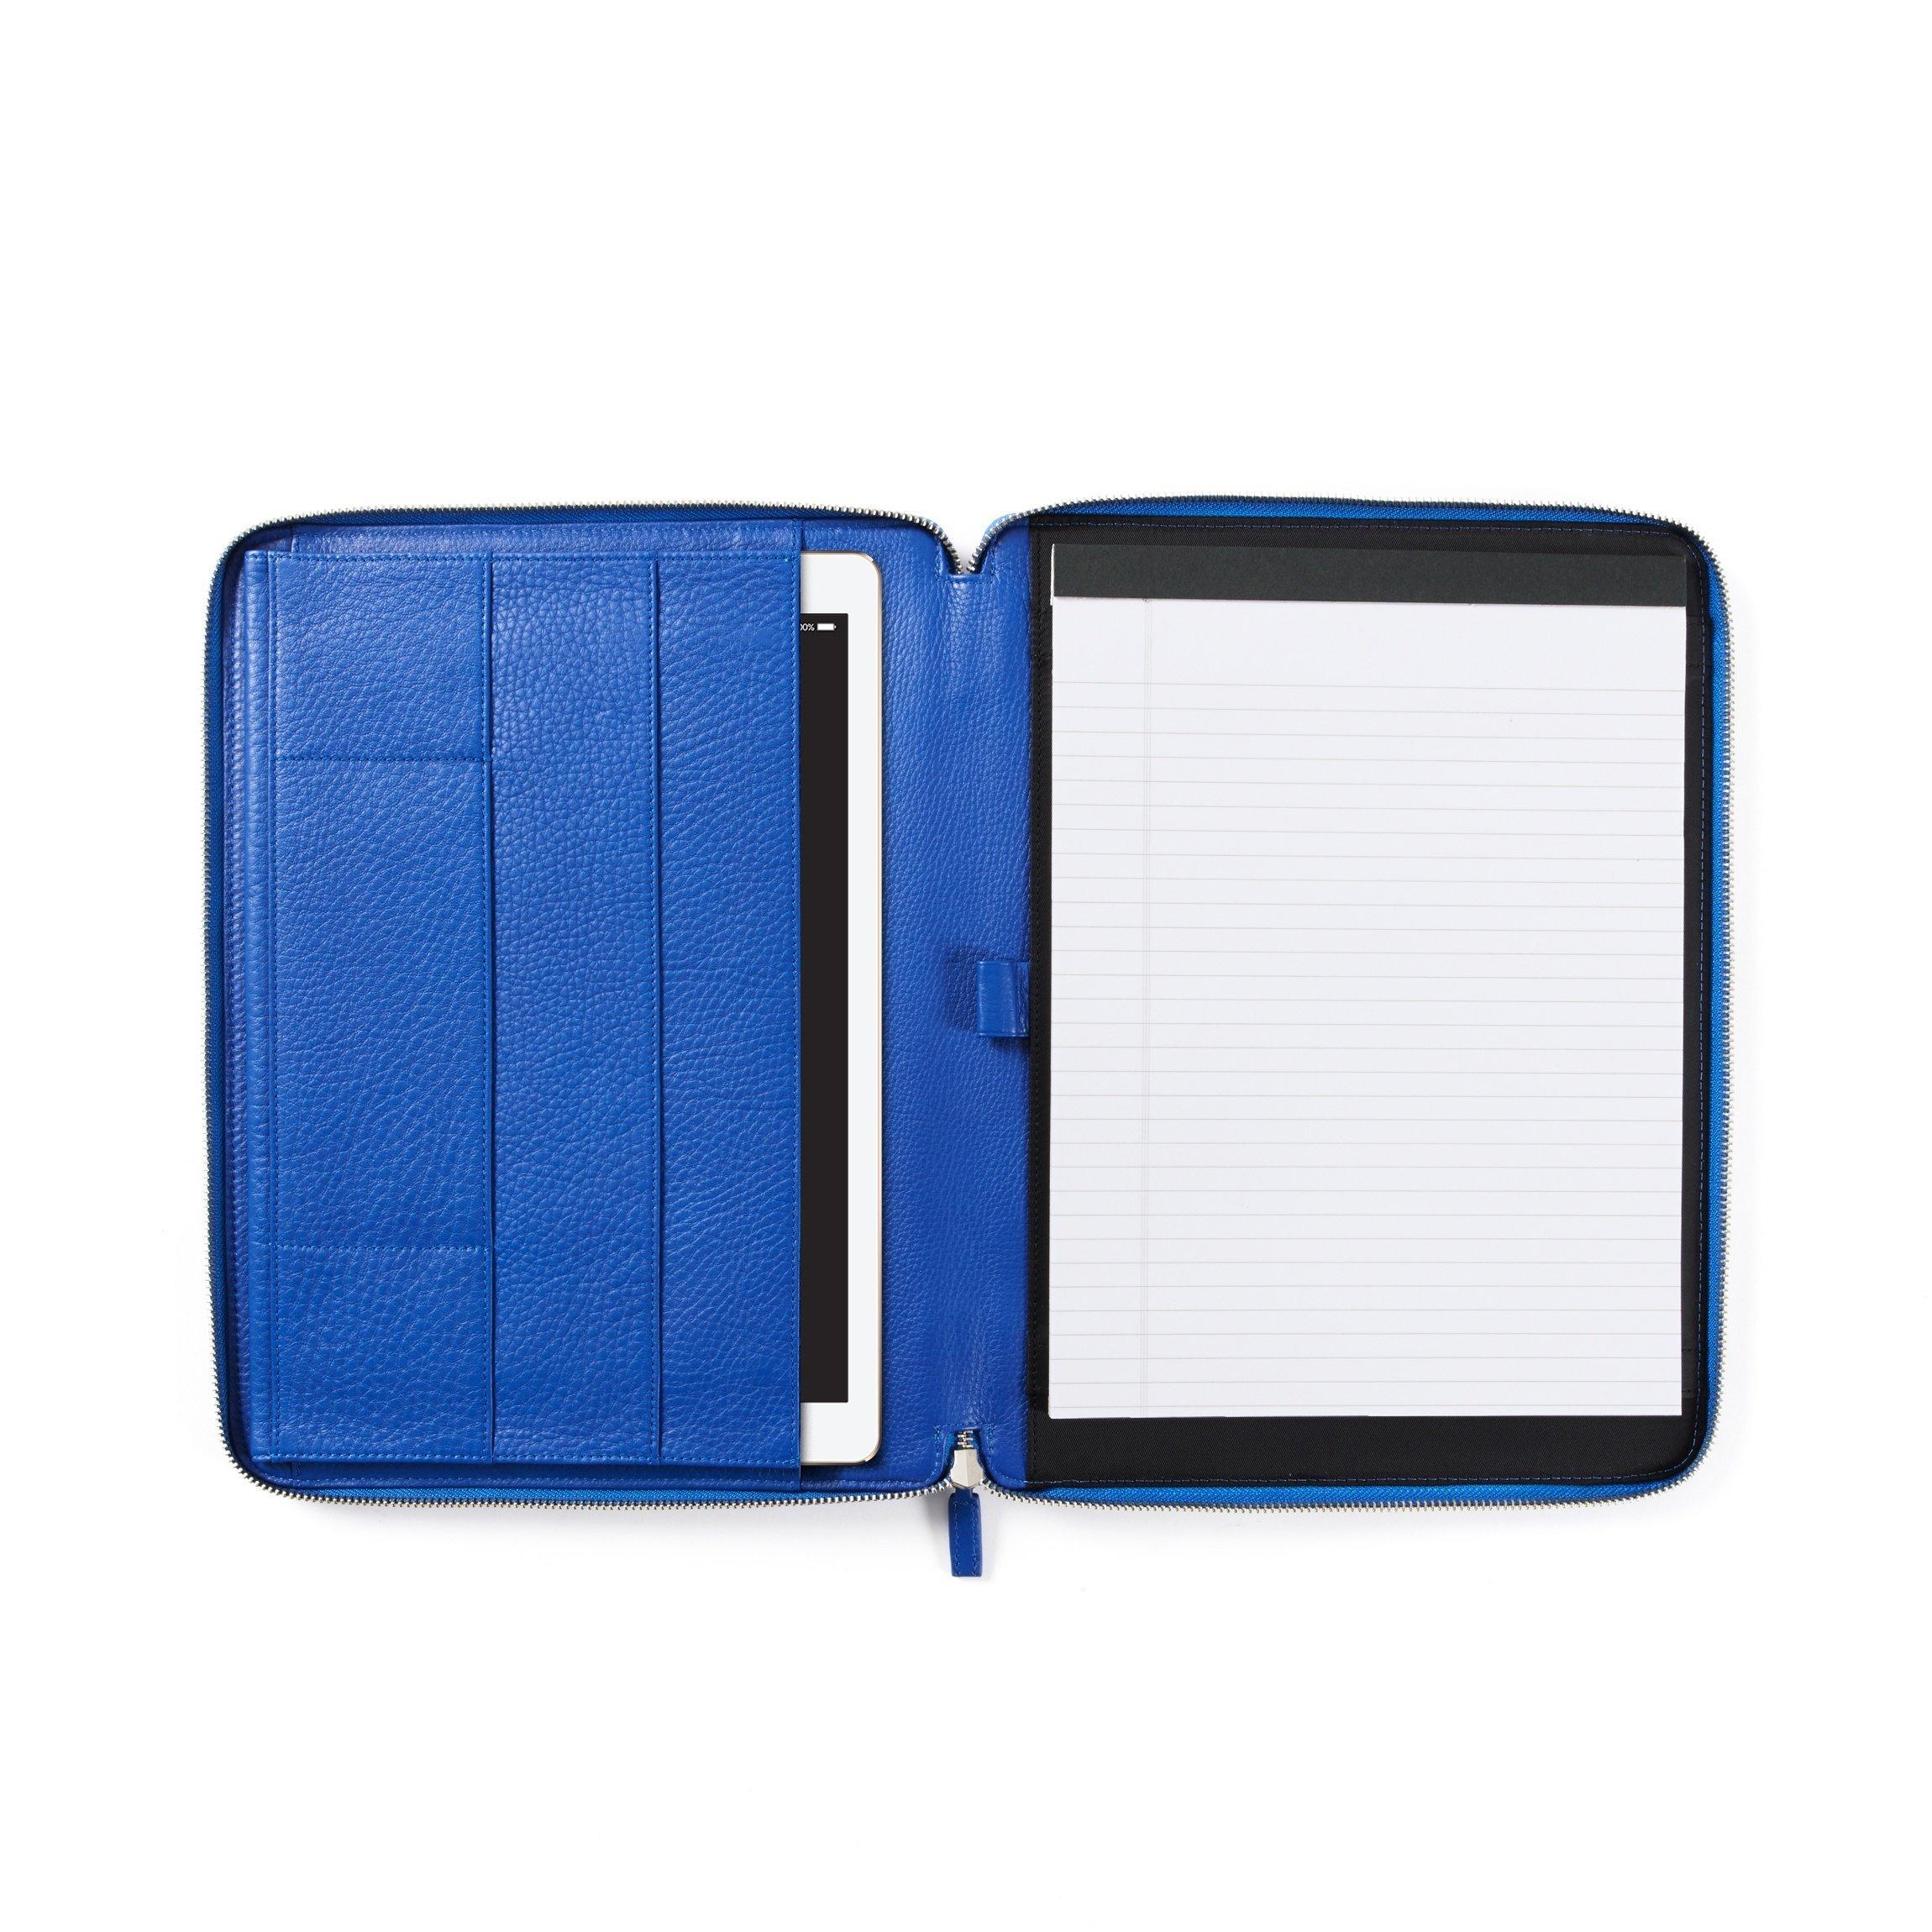 12.9 Inch Ipad Pro Portfolio - Full Grain Leather - Cobalt (blue)